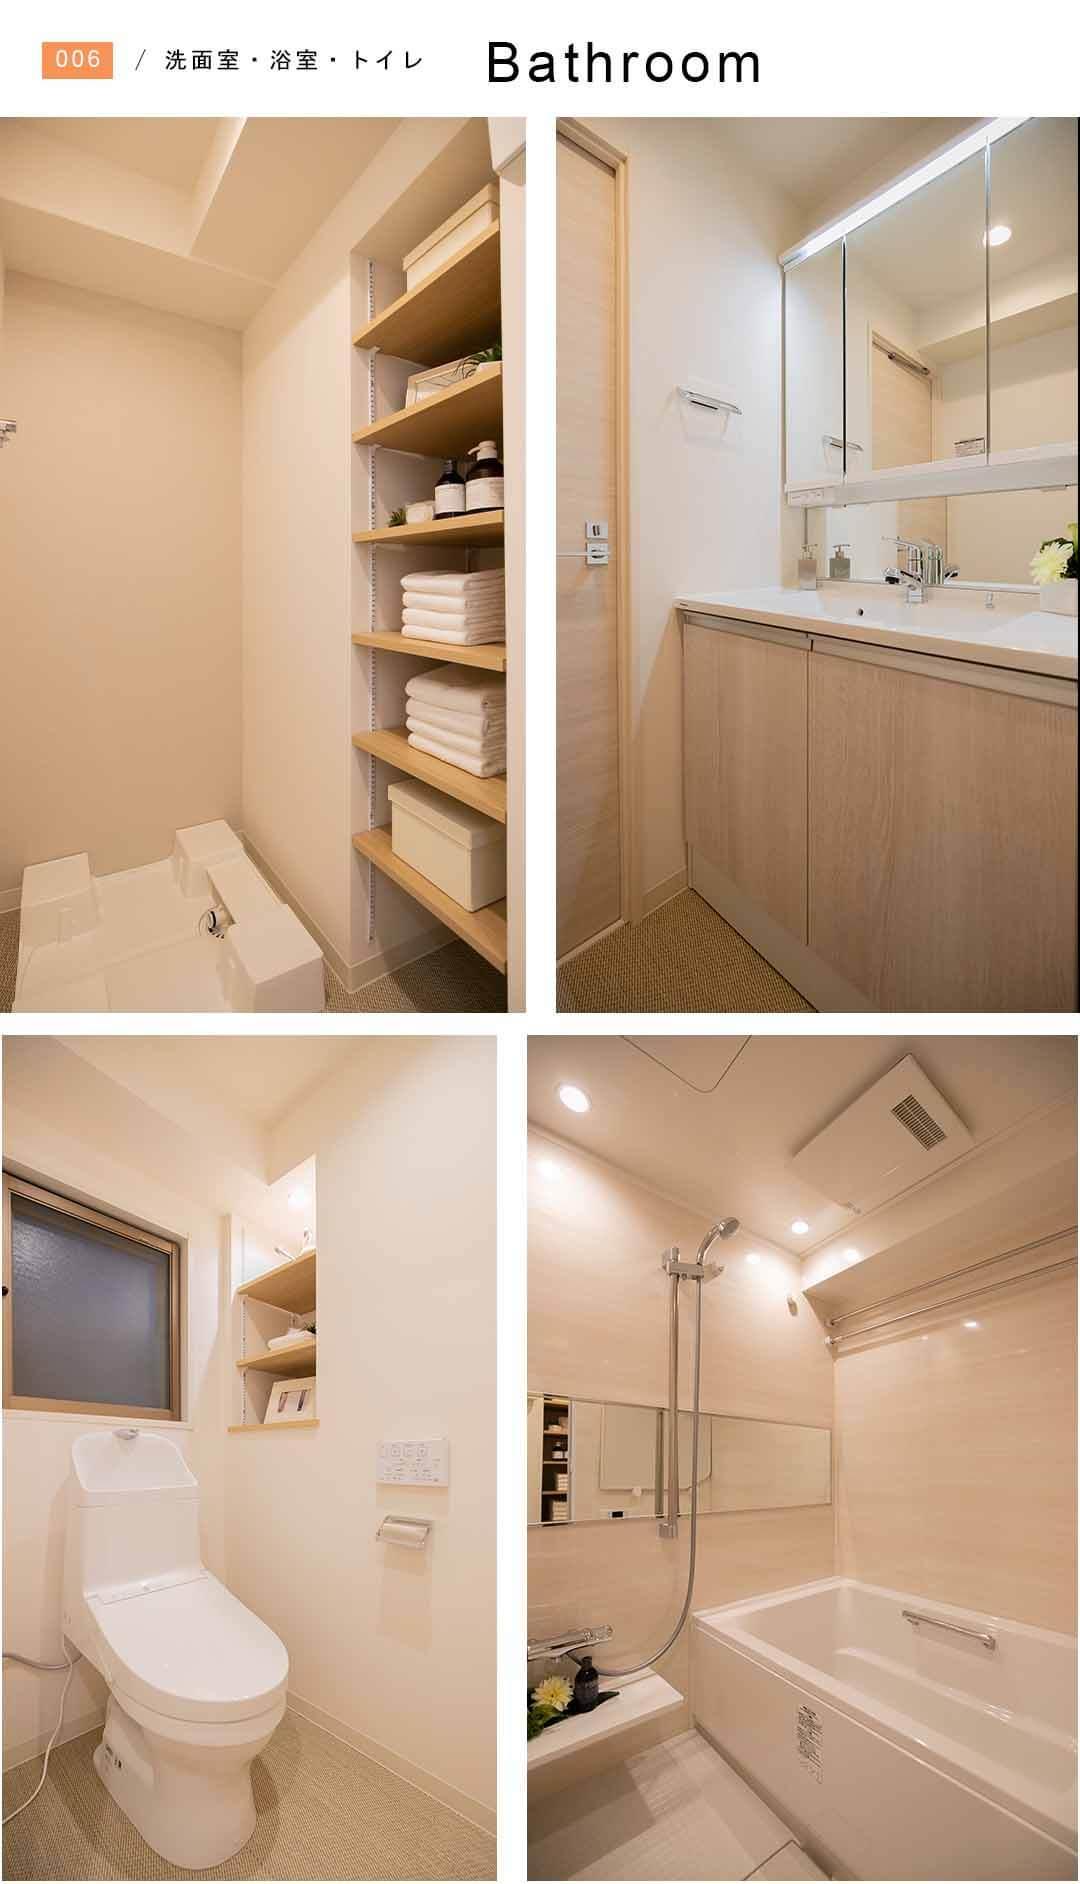 サンスターレ浅草橋の洗面室と浴室とトイレ